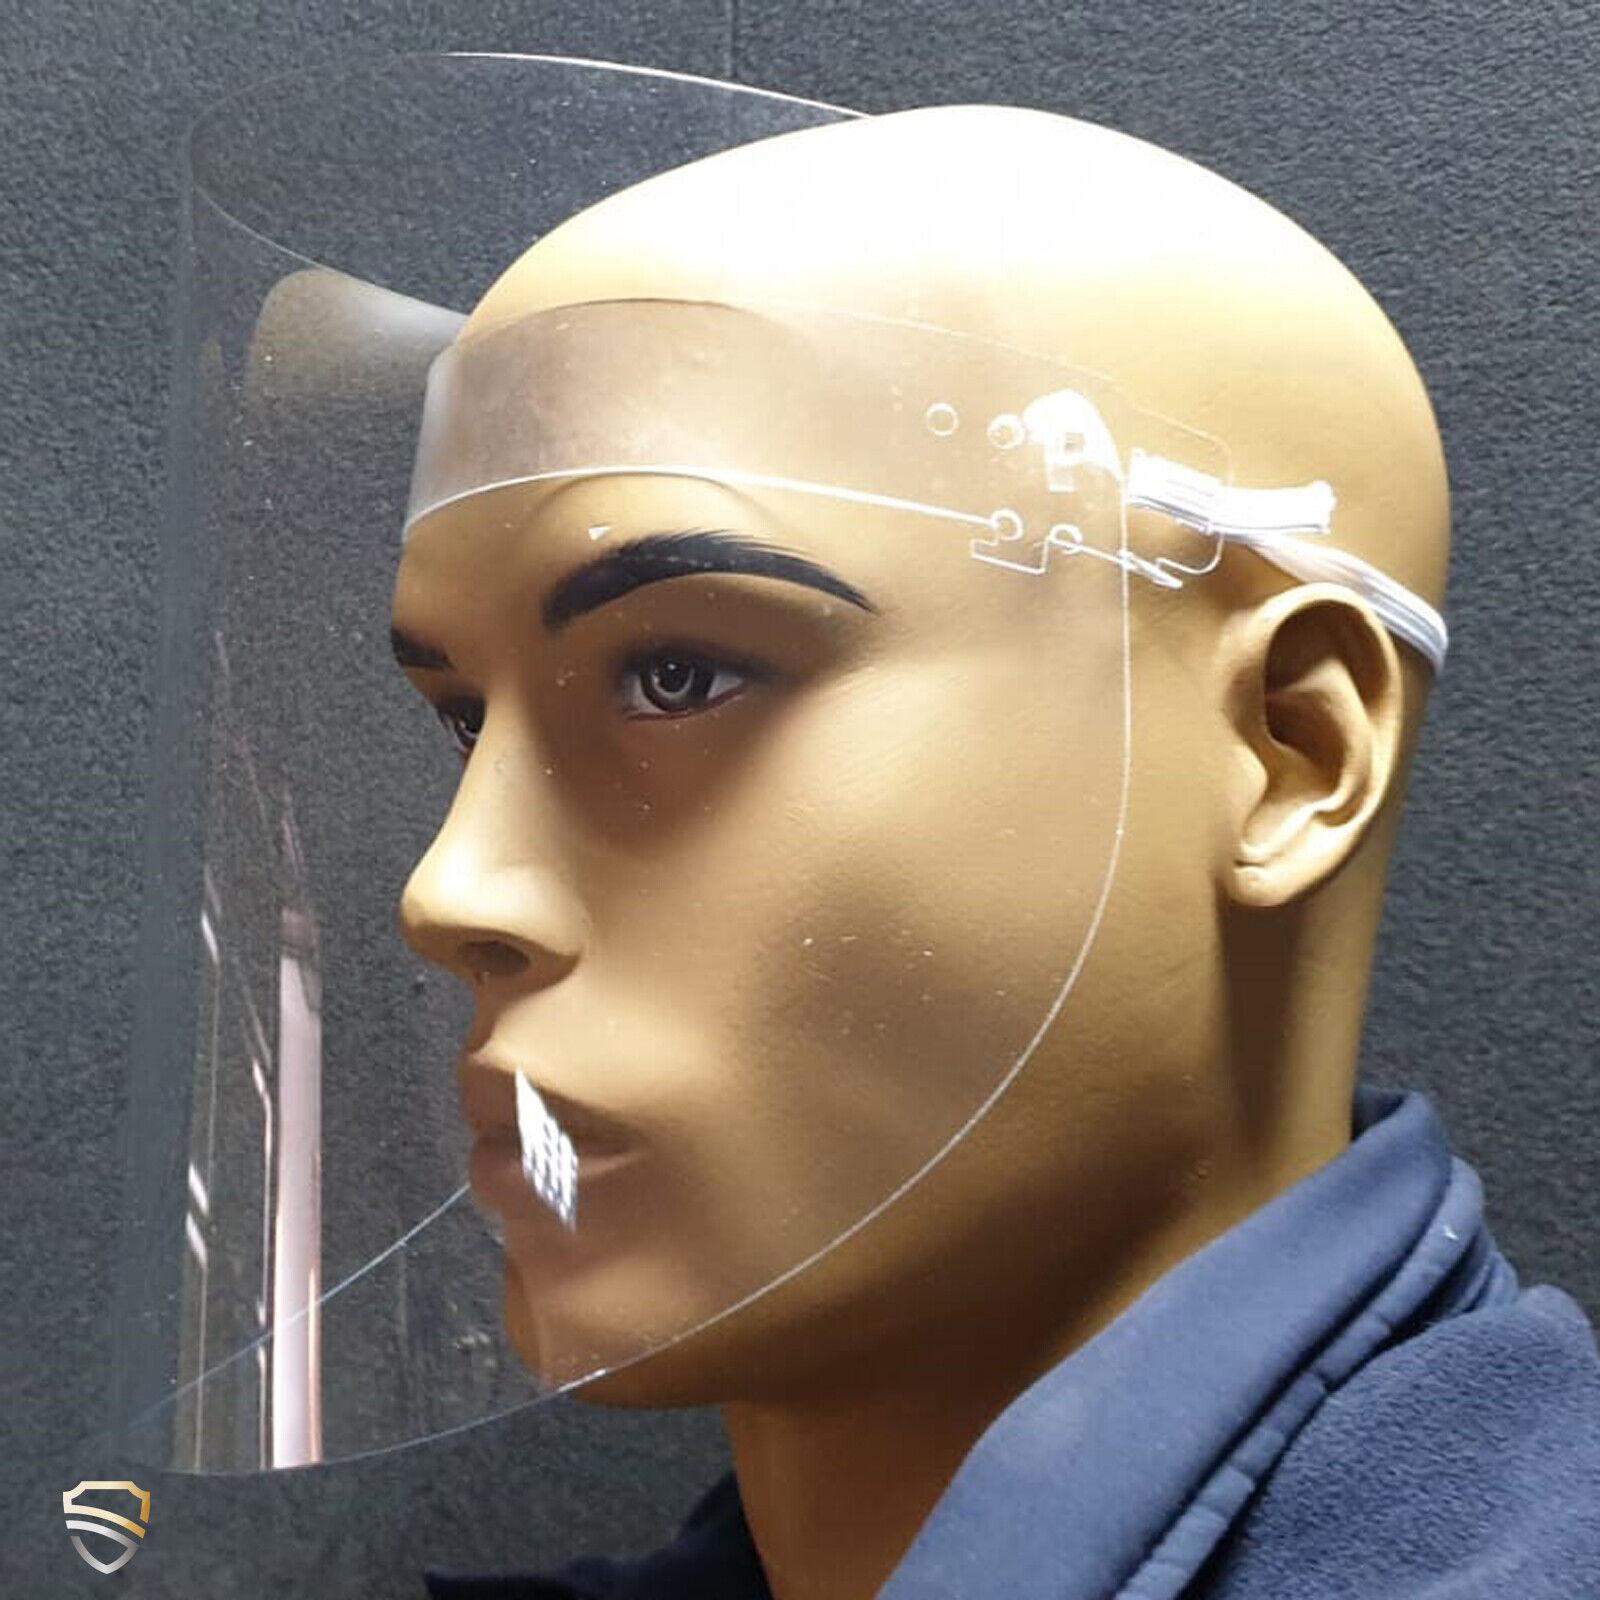 klappbares Hygiene Schutz-Visier / Zusatzausrüstung zu Schutzausrüstungen